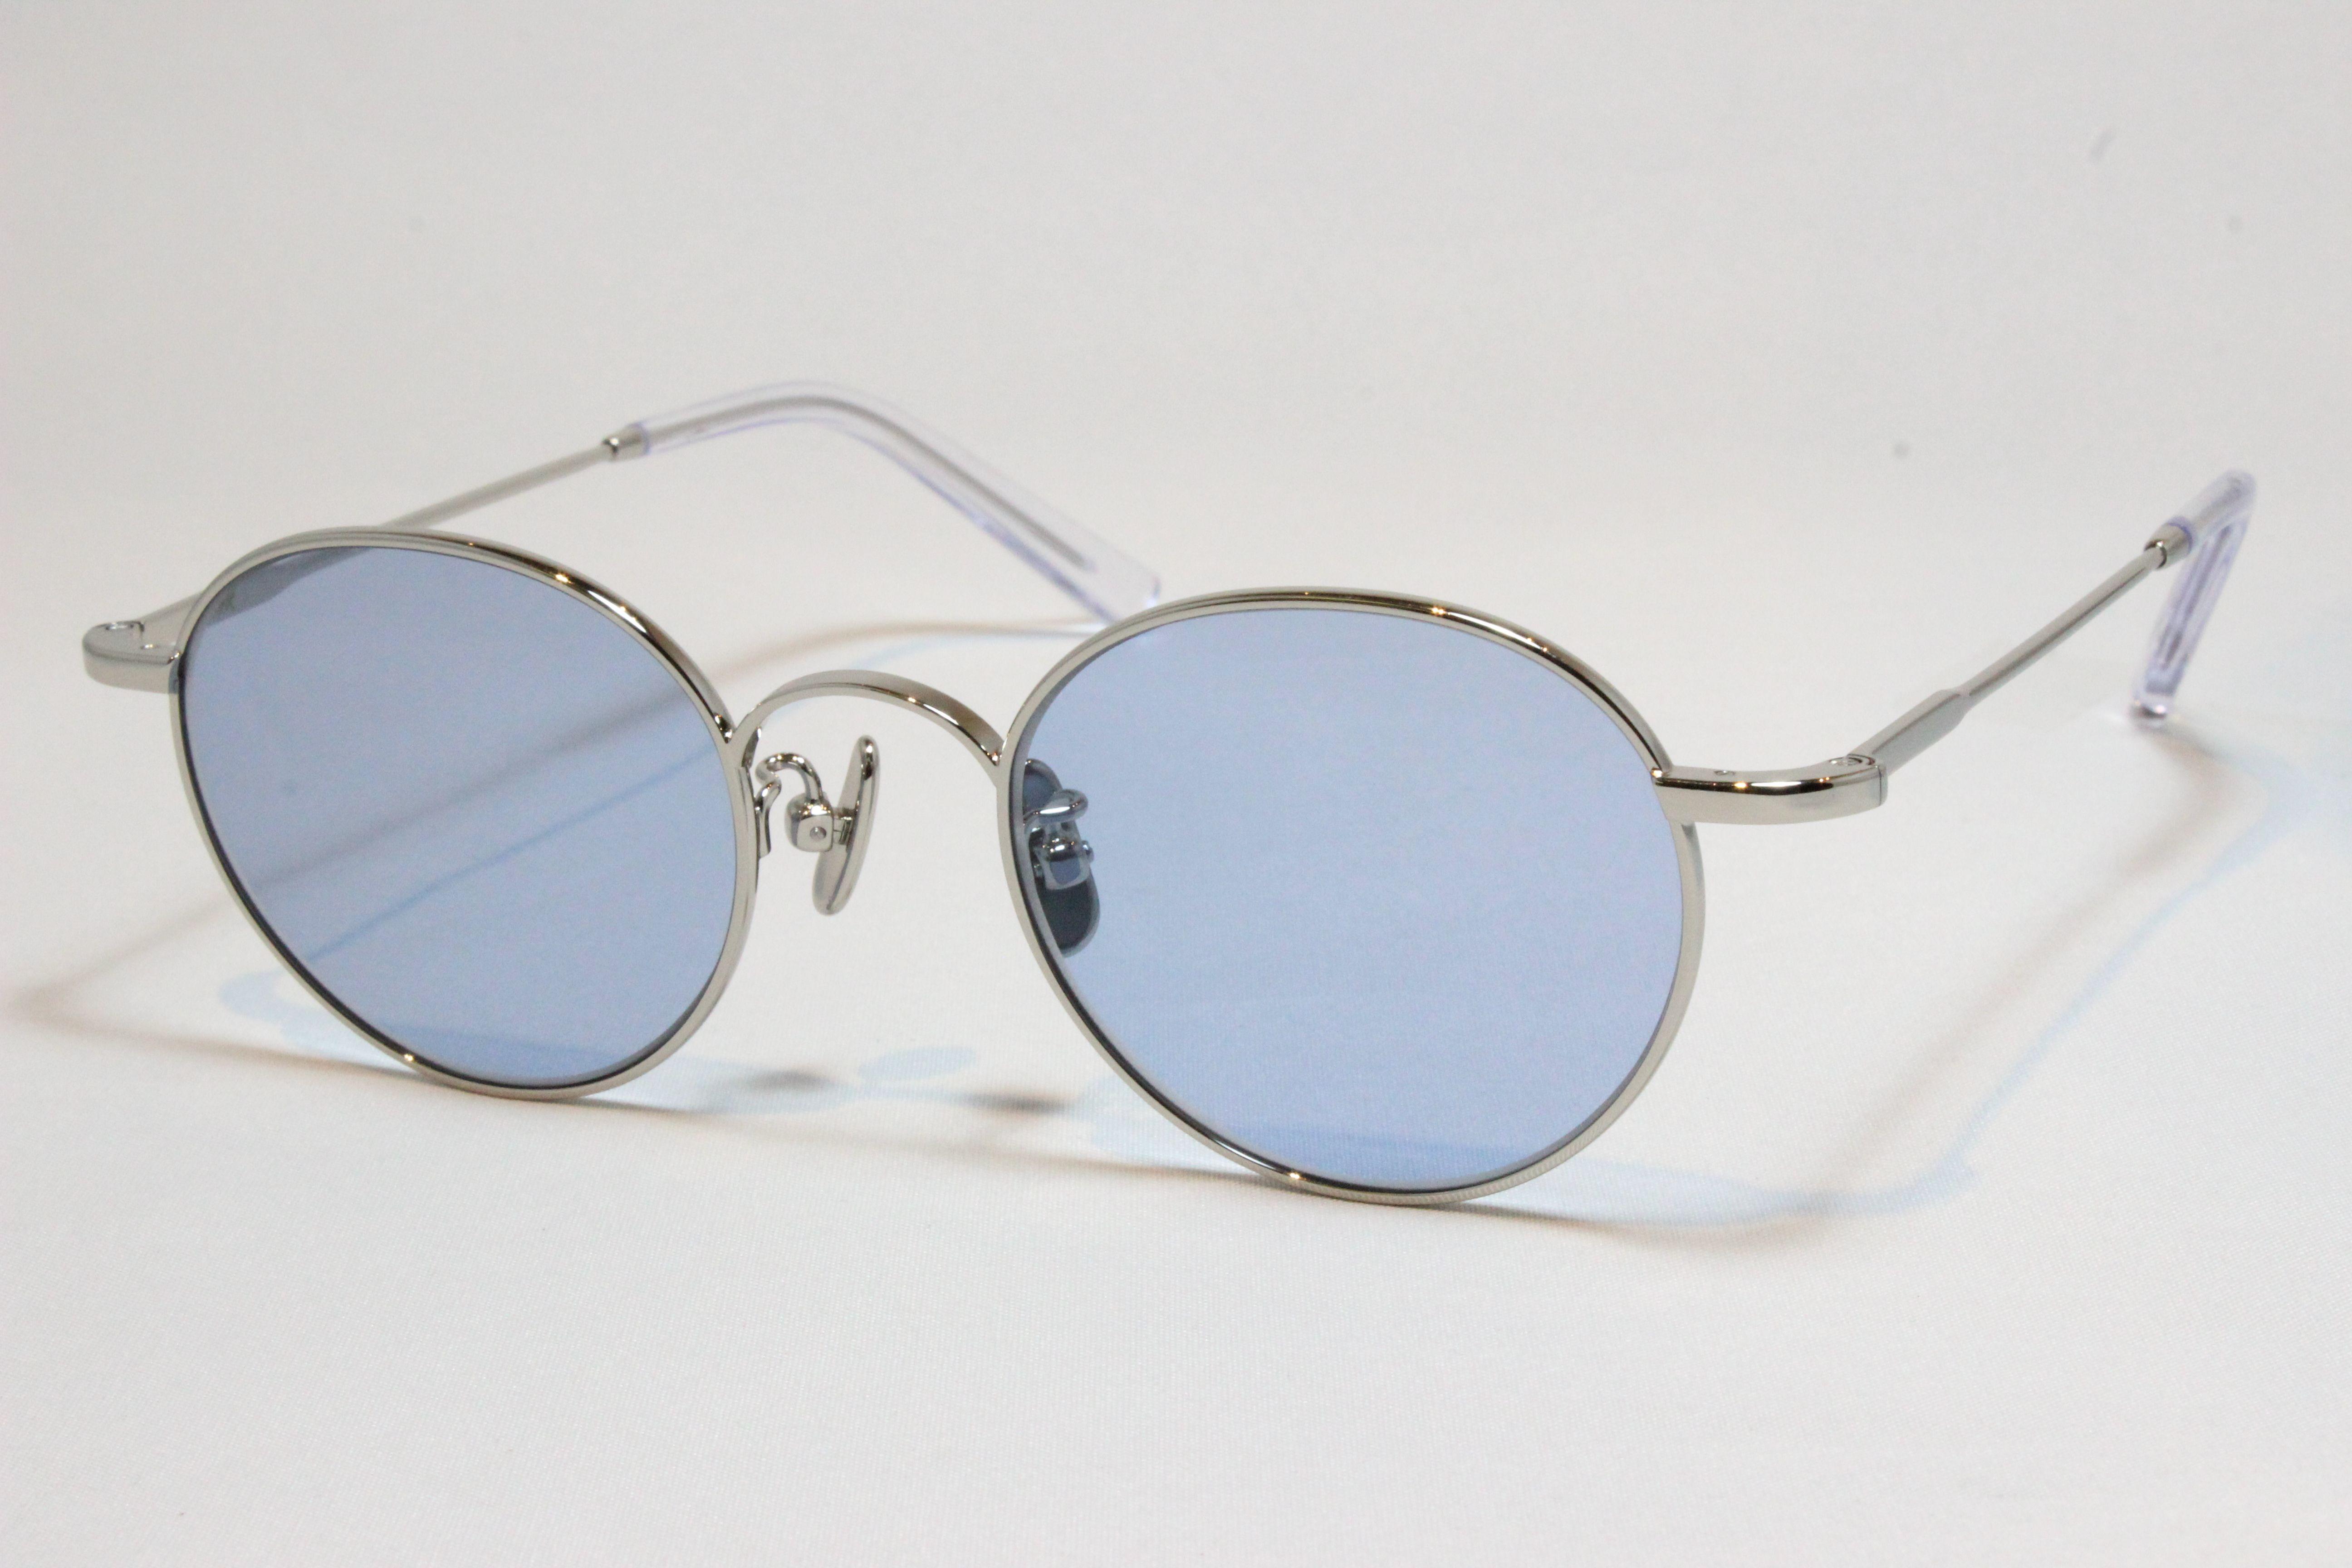 【送料無料】A.D.S.R.(エーディーエスアール) LOU [ ルー ] 02 (Silver Metal / Light. Blue )